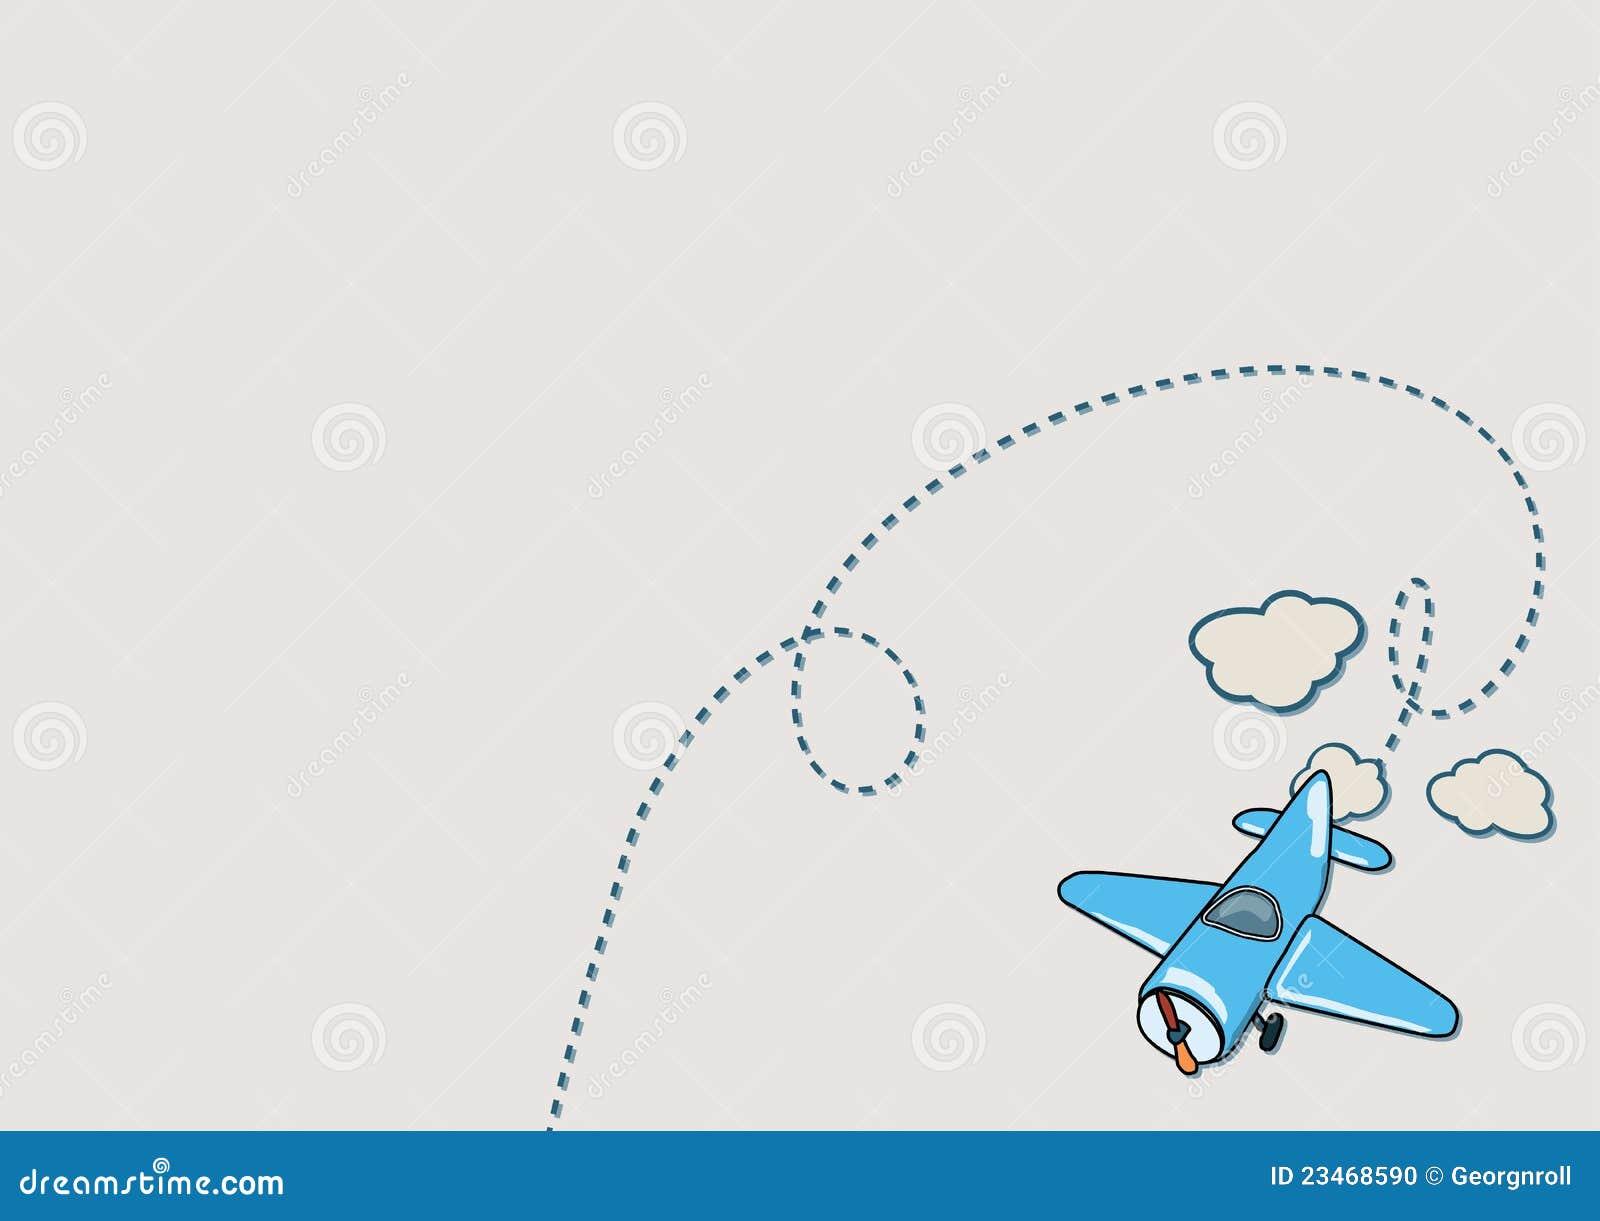 Airplane Illustration Stock Photo - Image: 23468590